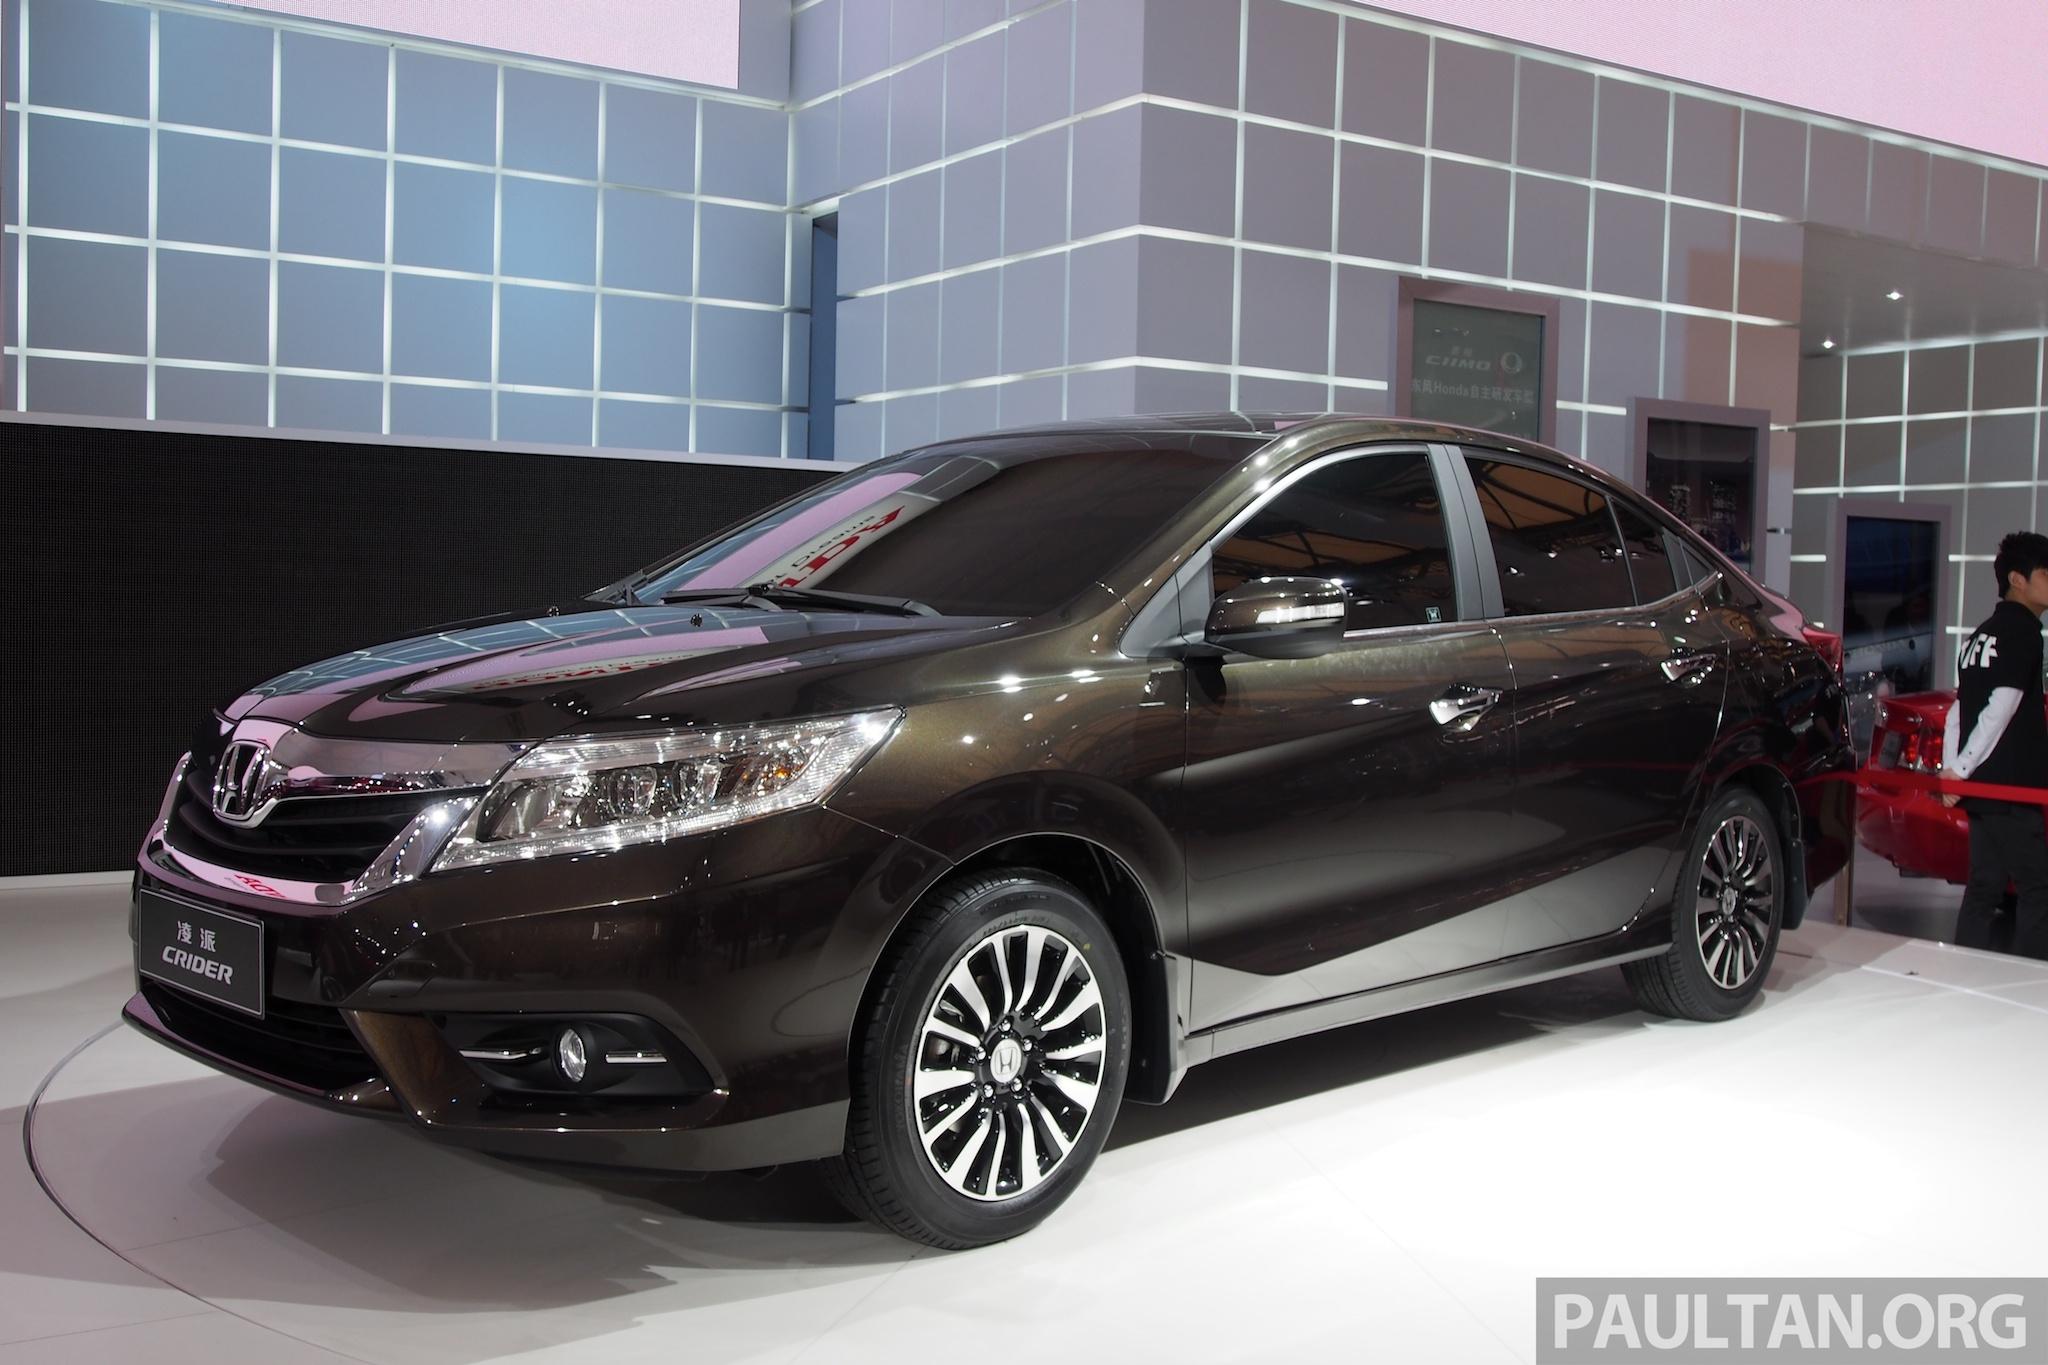 Shanghai 2013: Honda Crider production car debuts Image 170533